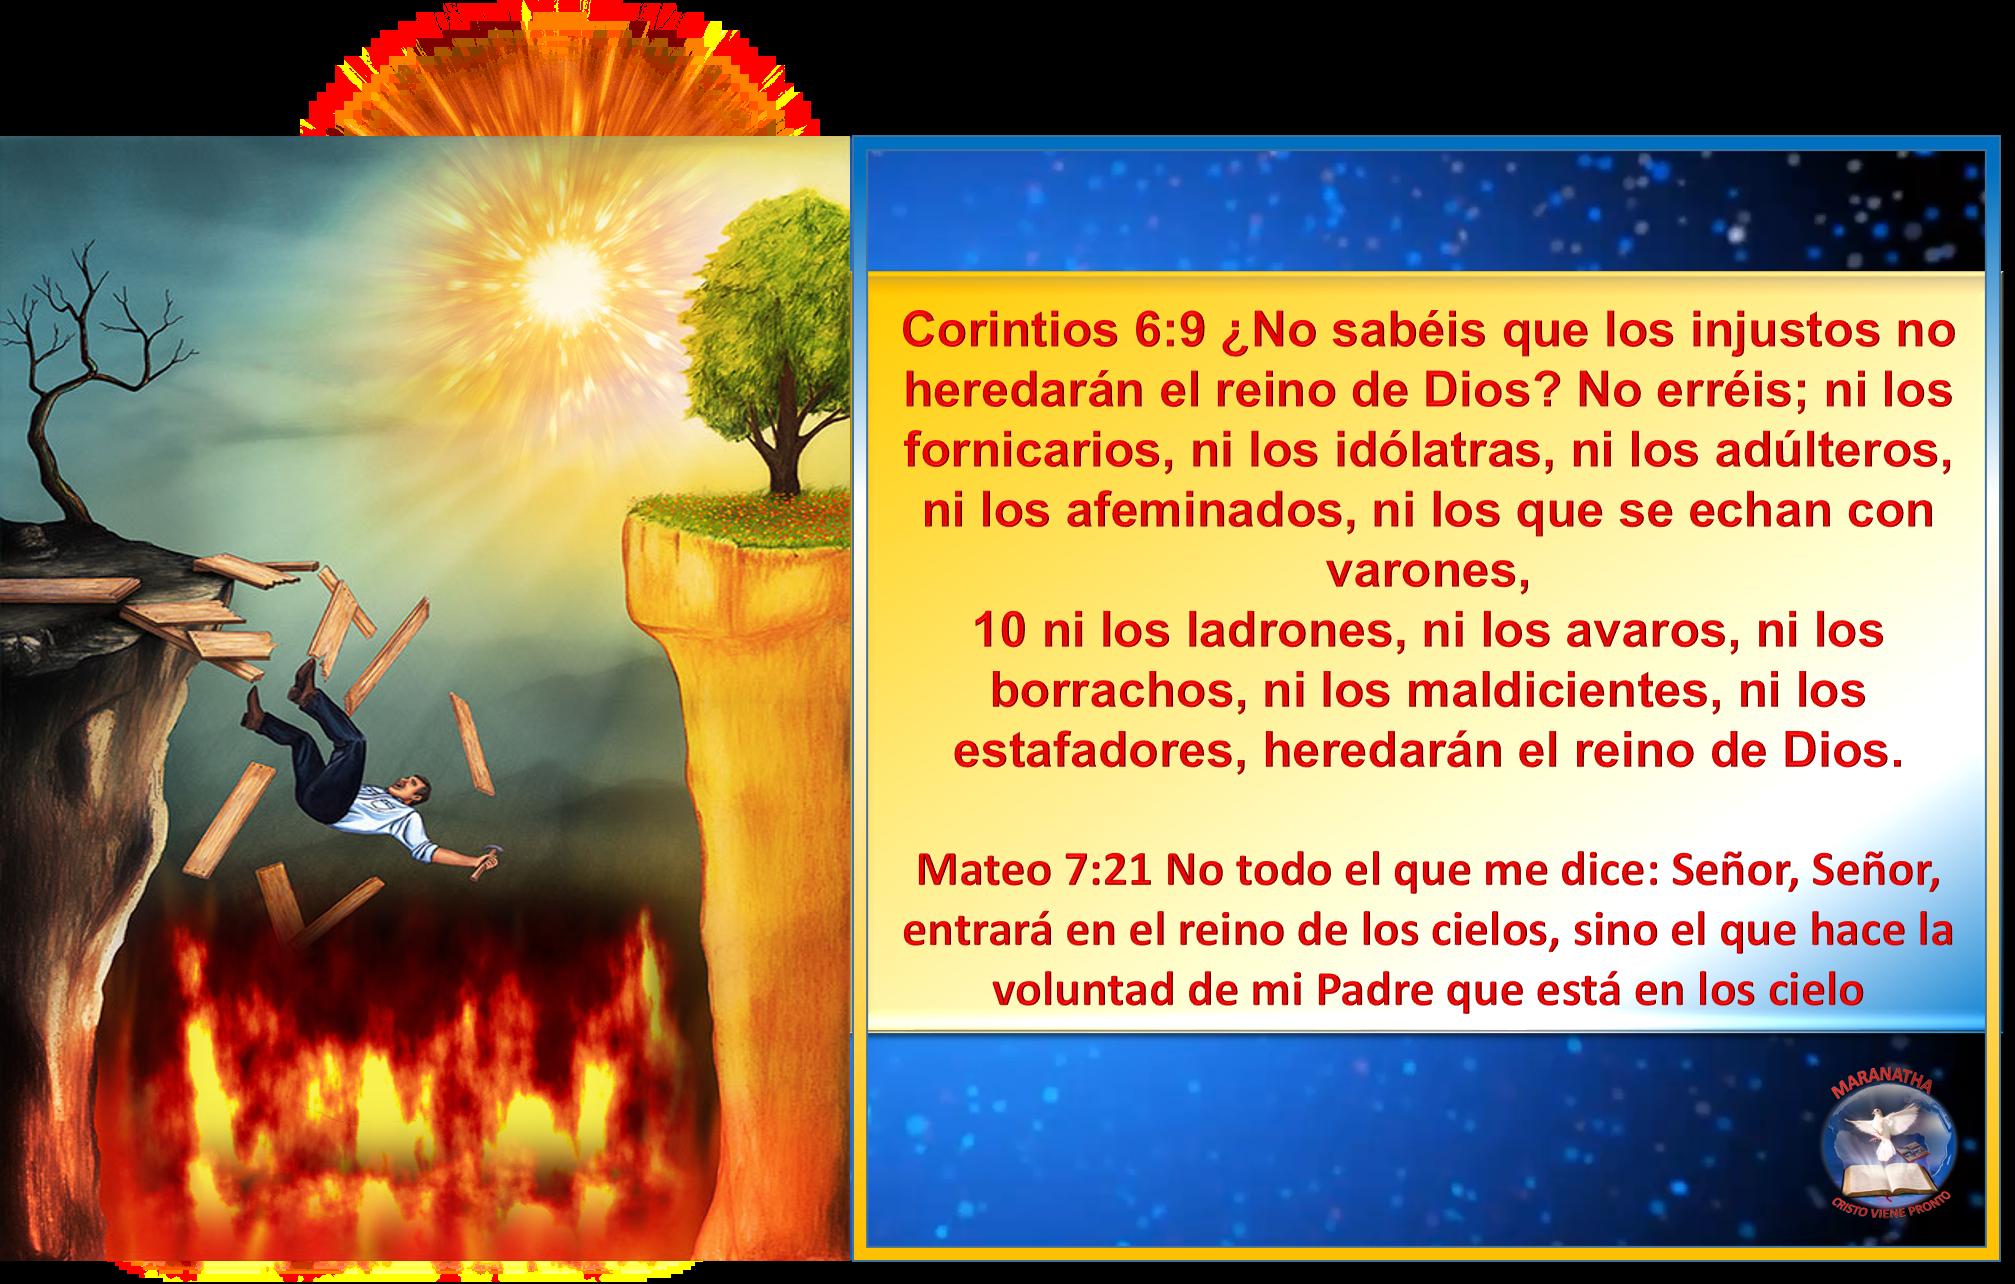 Corintios 6 9 10 Mateo 7 21 Jo Playbill Pandora Screenshot